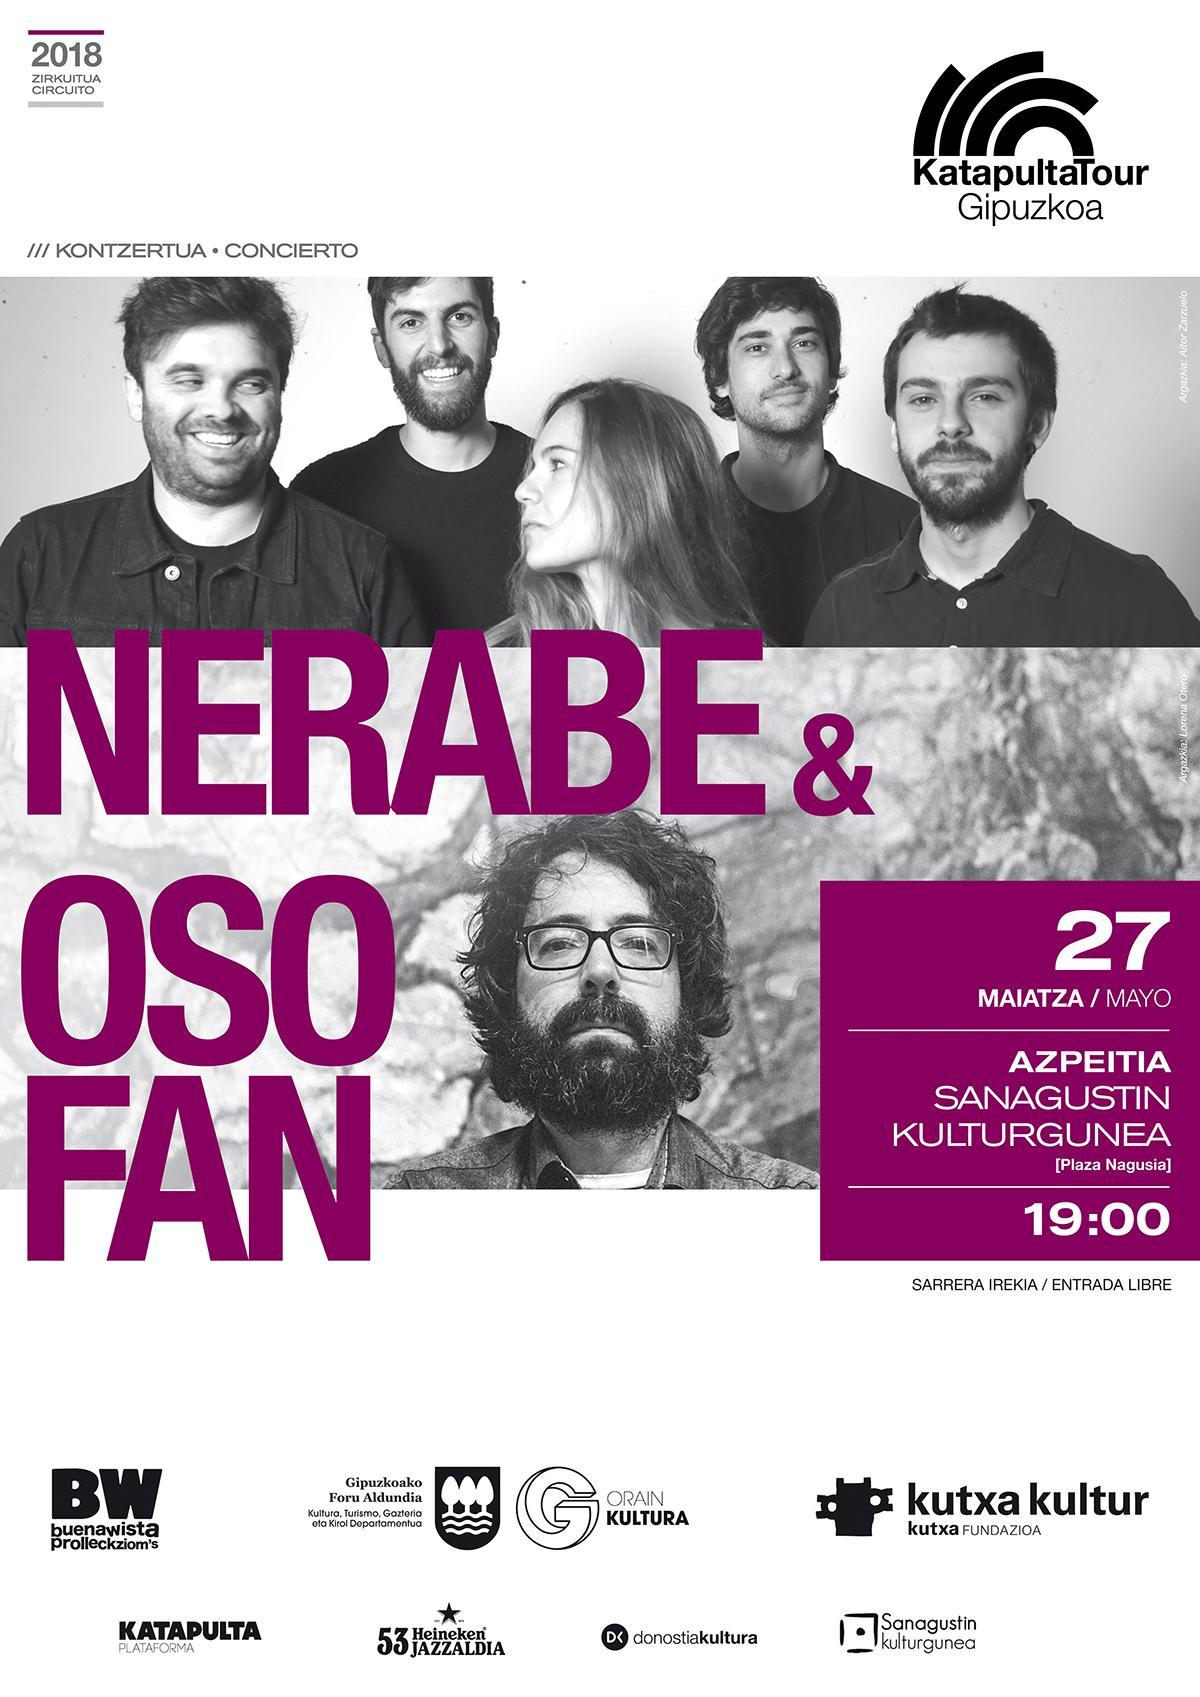 Oso Fan + Nerabe